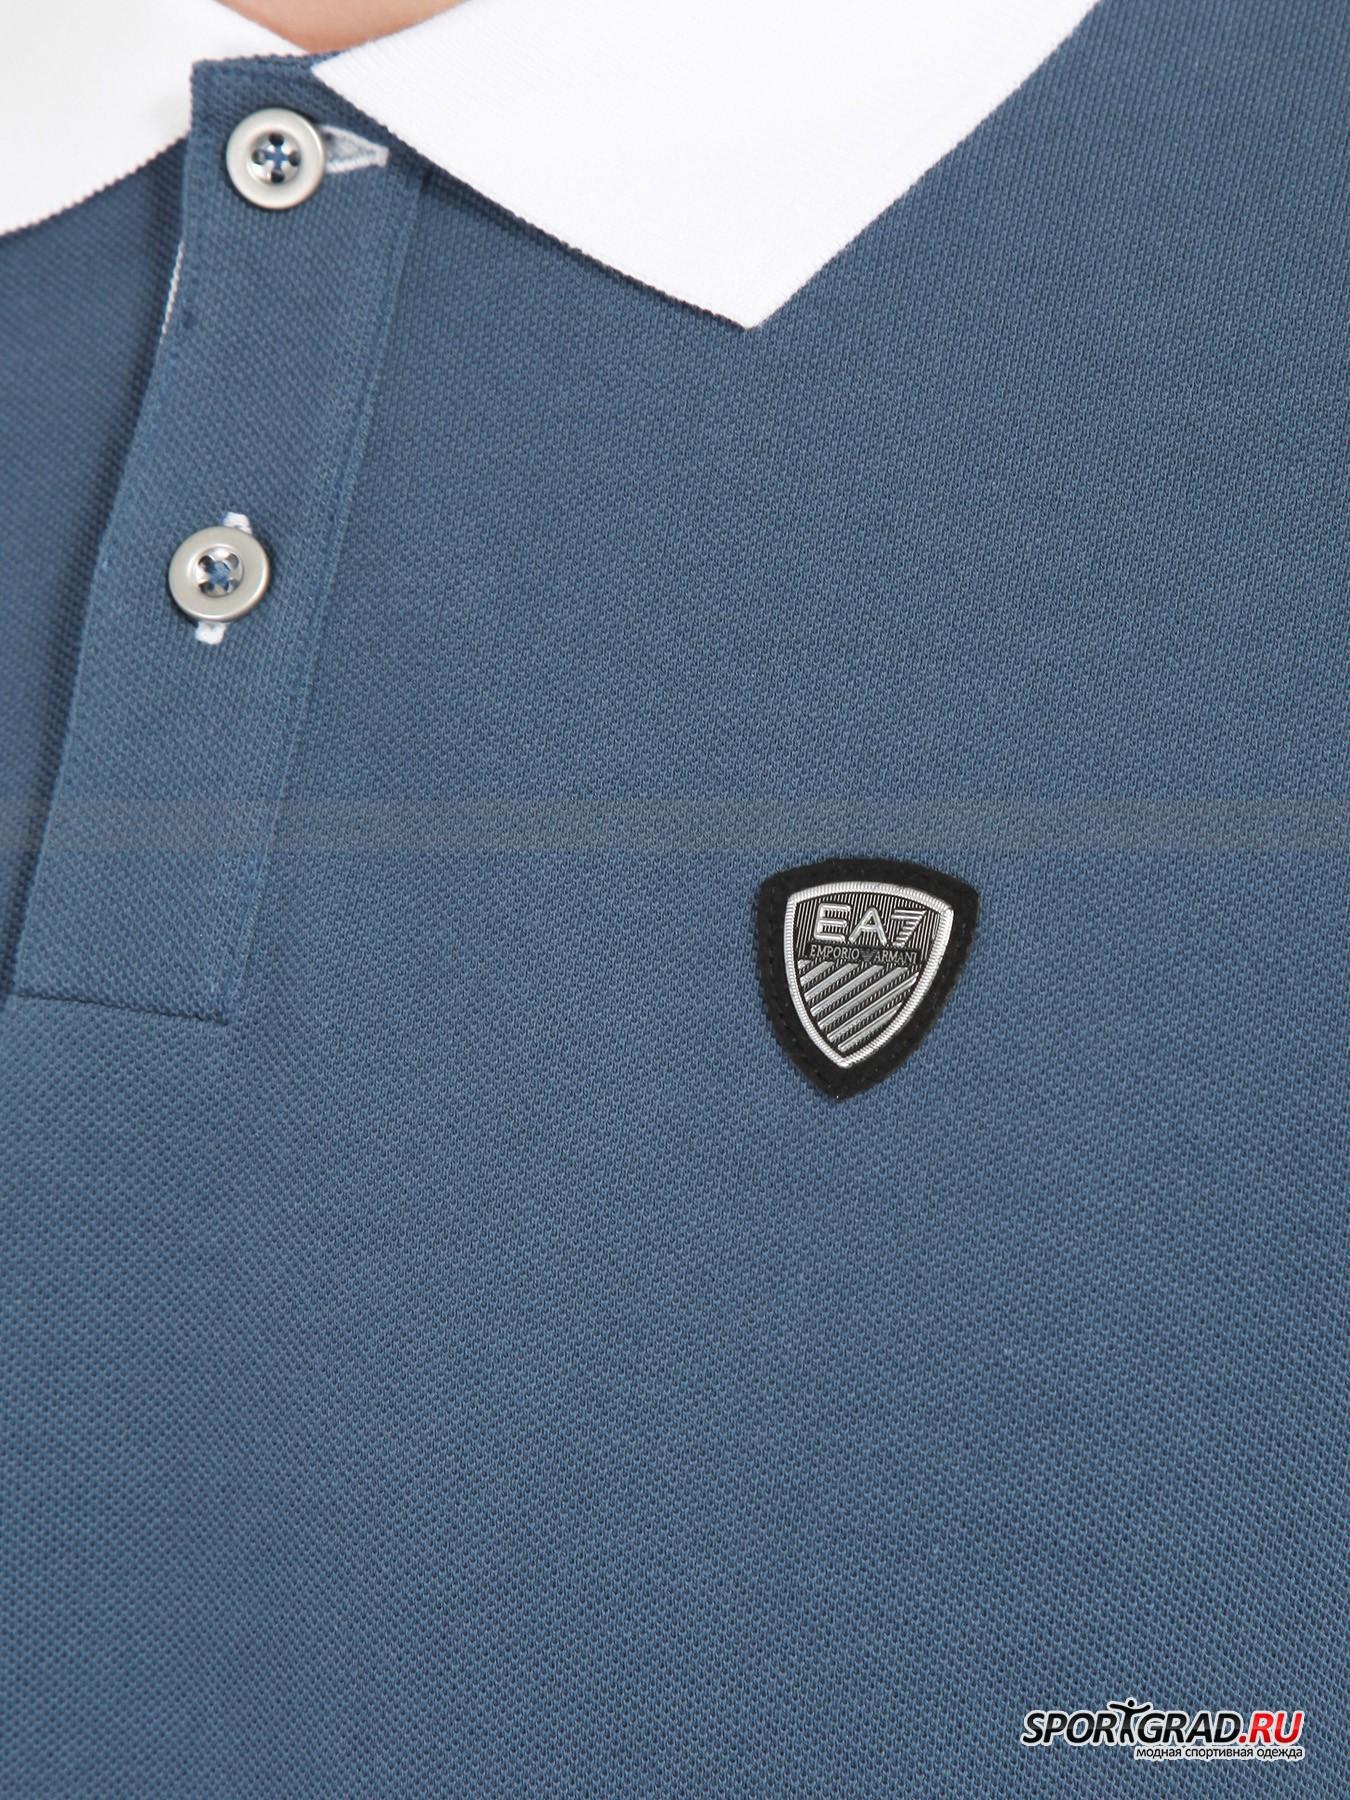 Поло мужское Train Classic Polo Shirt EA7 Emporio Armani от Спортград